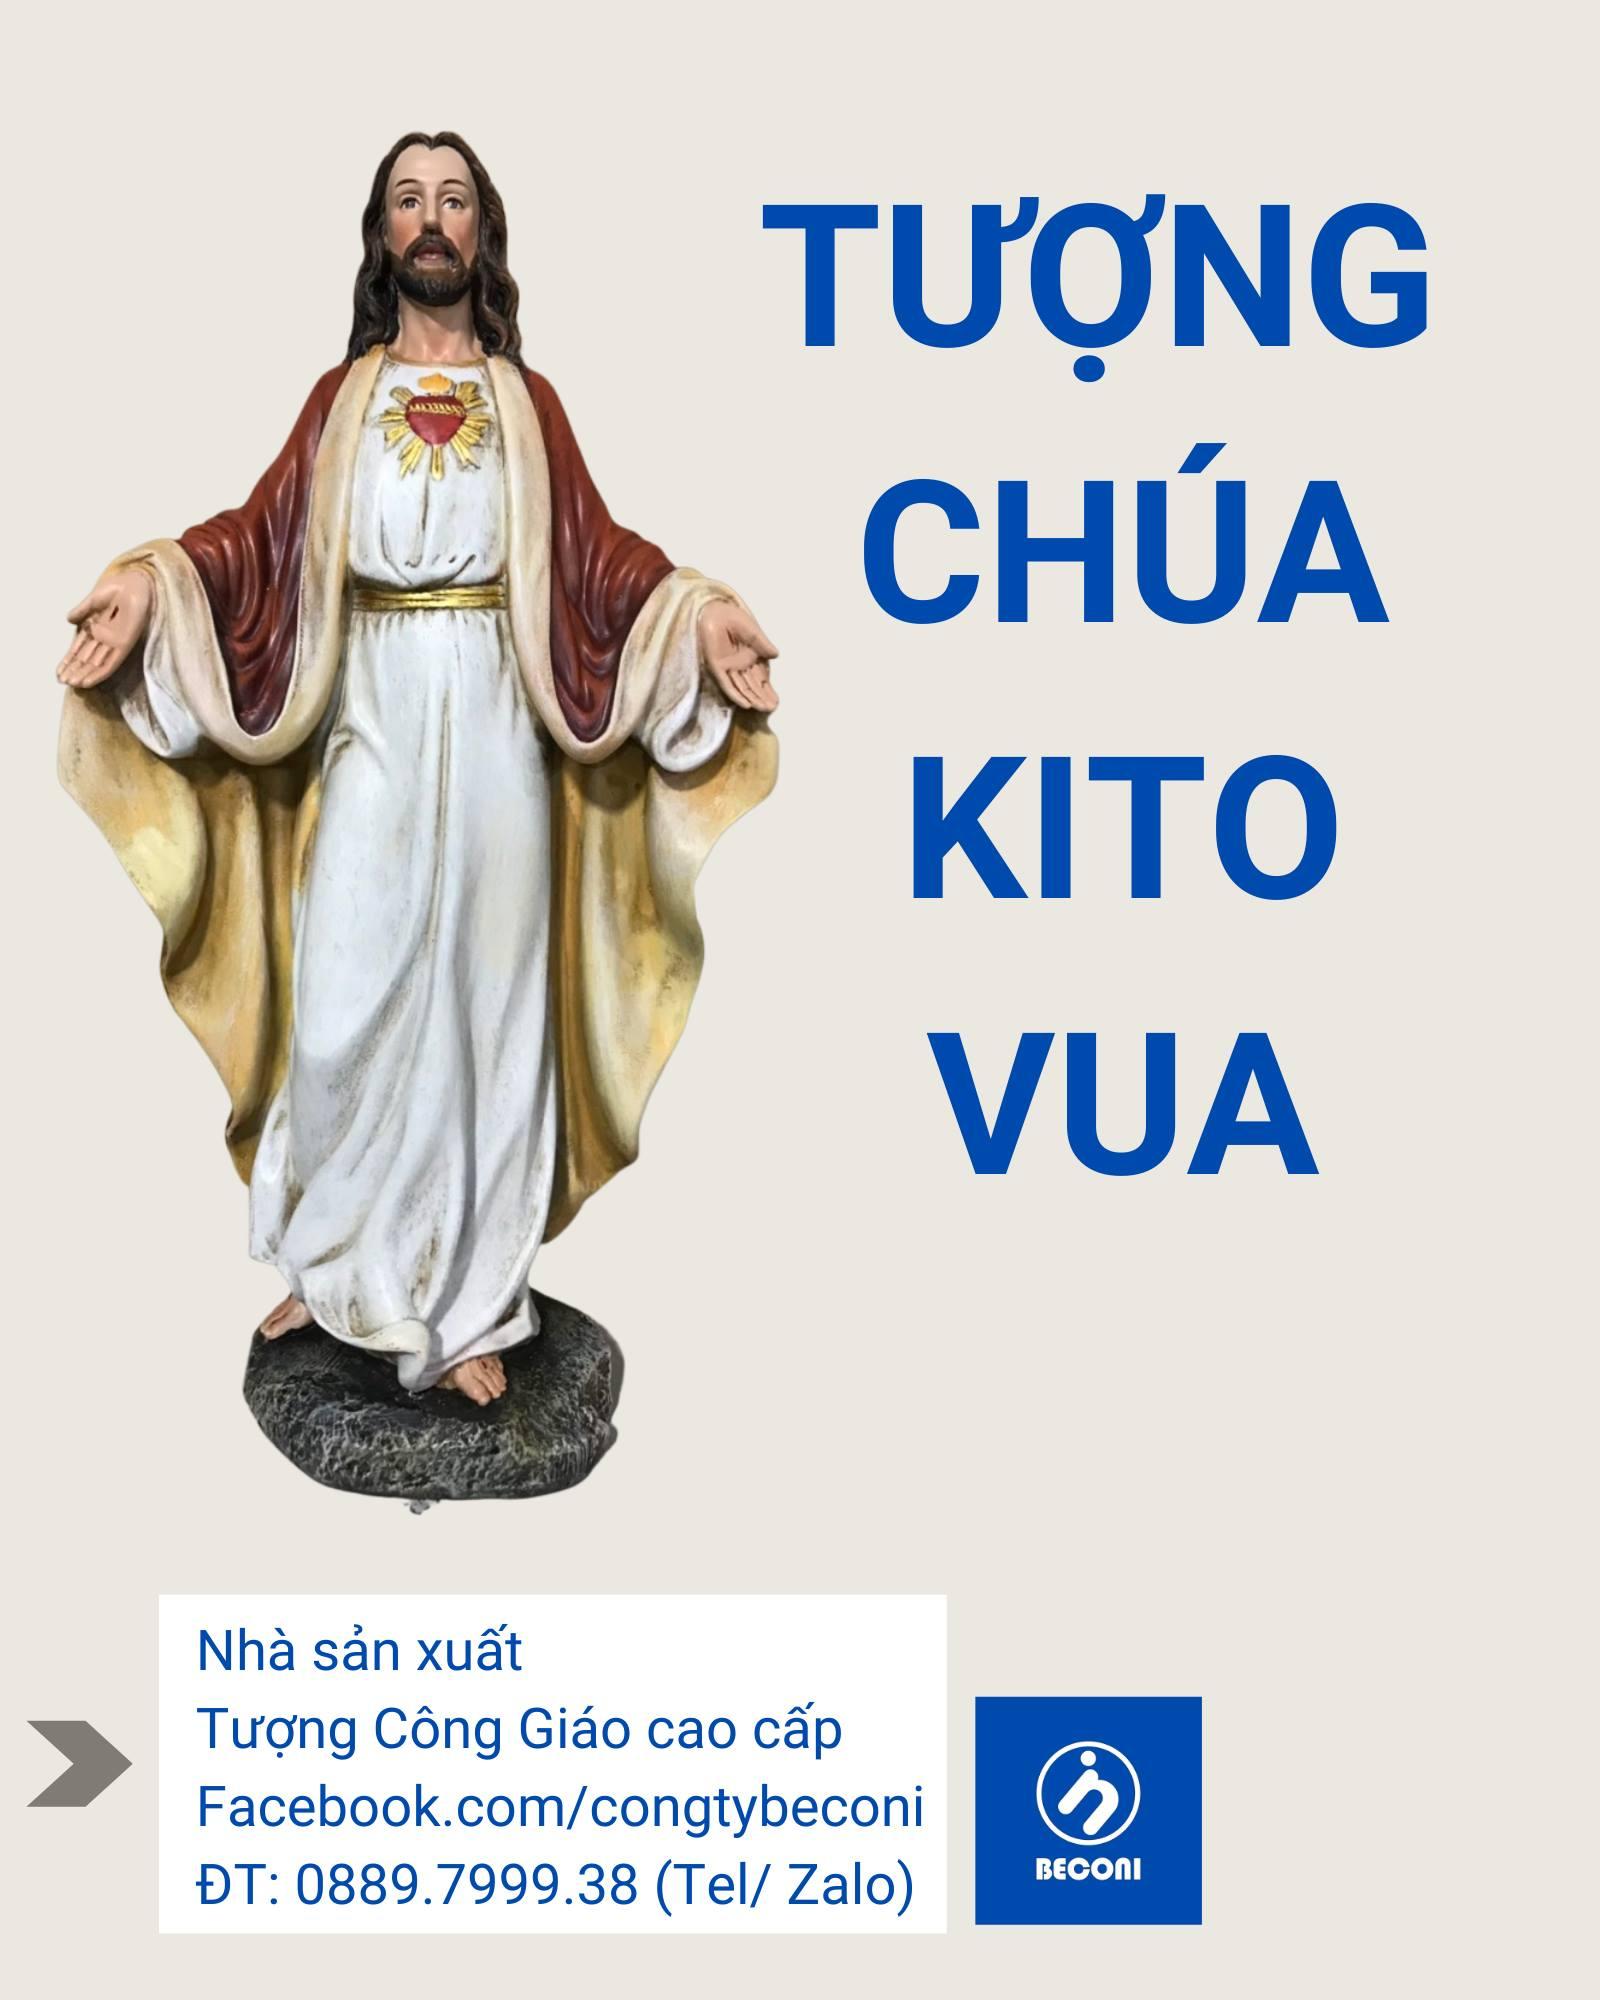 Tượng Chúa Kito Vua Cao Cấp/ Đẹp Nhất. tại Beconi